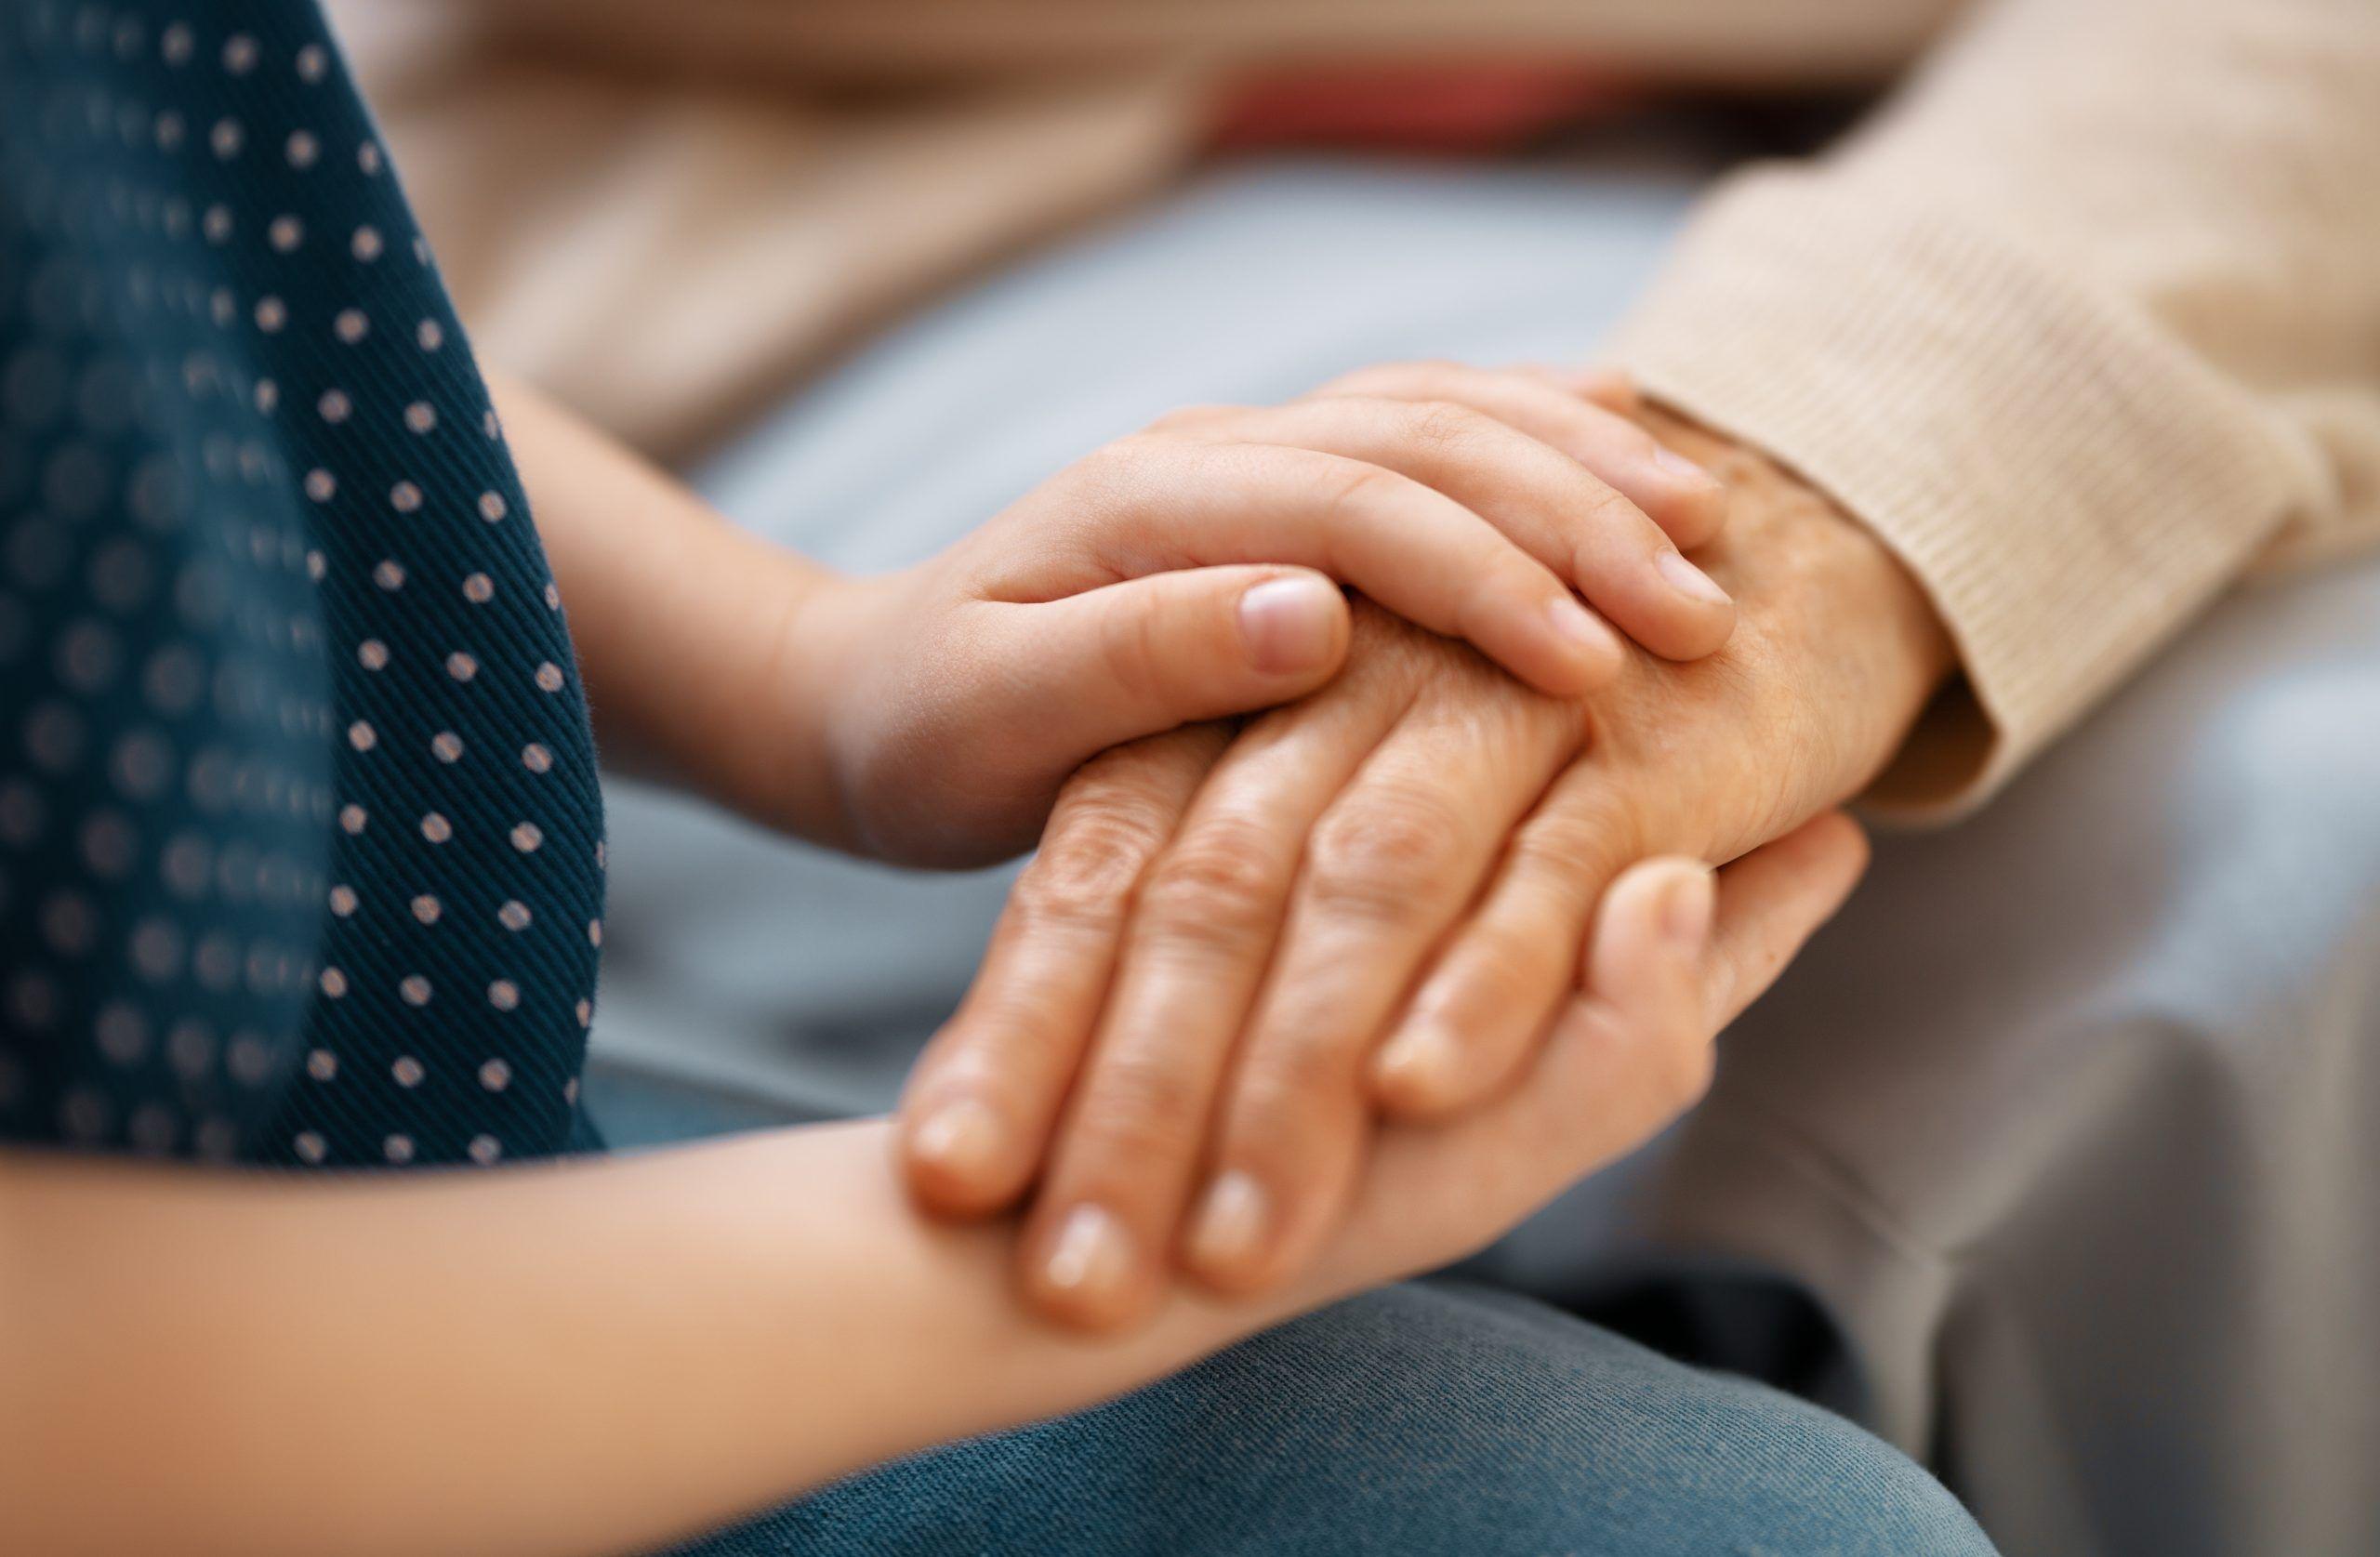 cuidado enfermedad de Parkinson